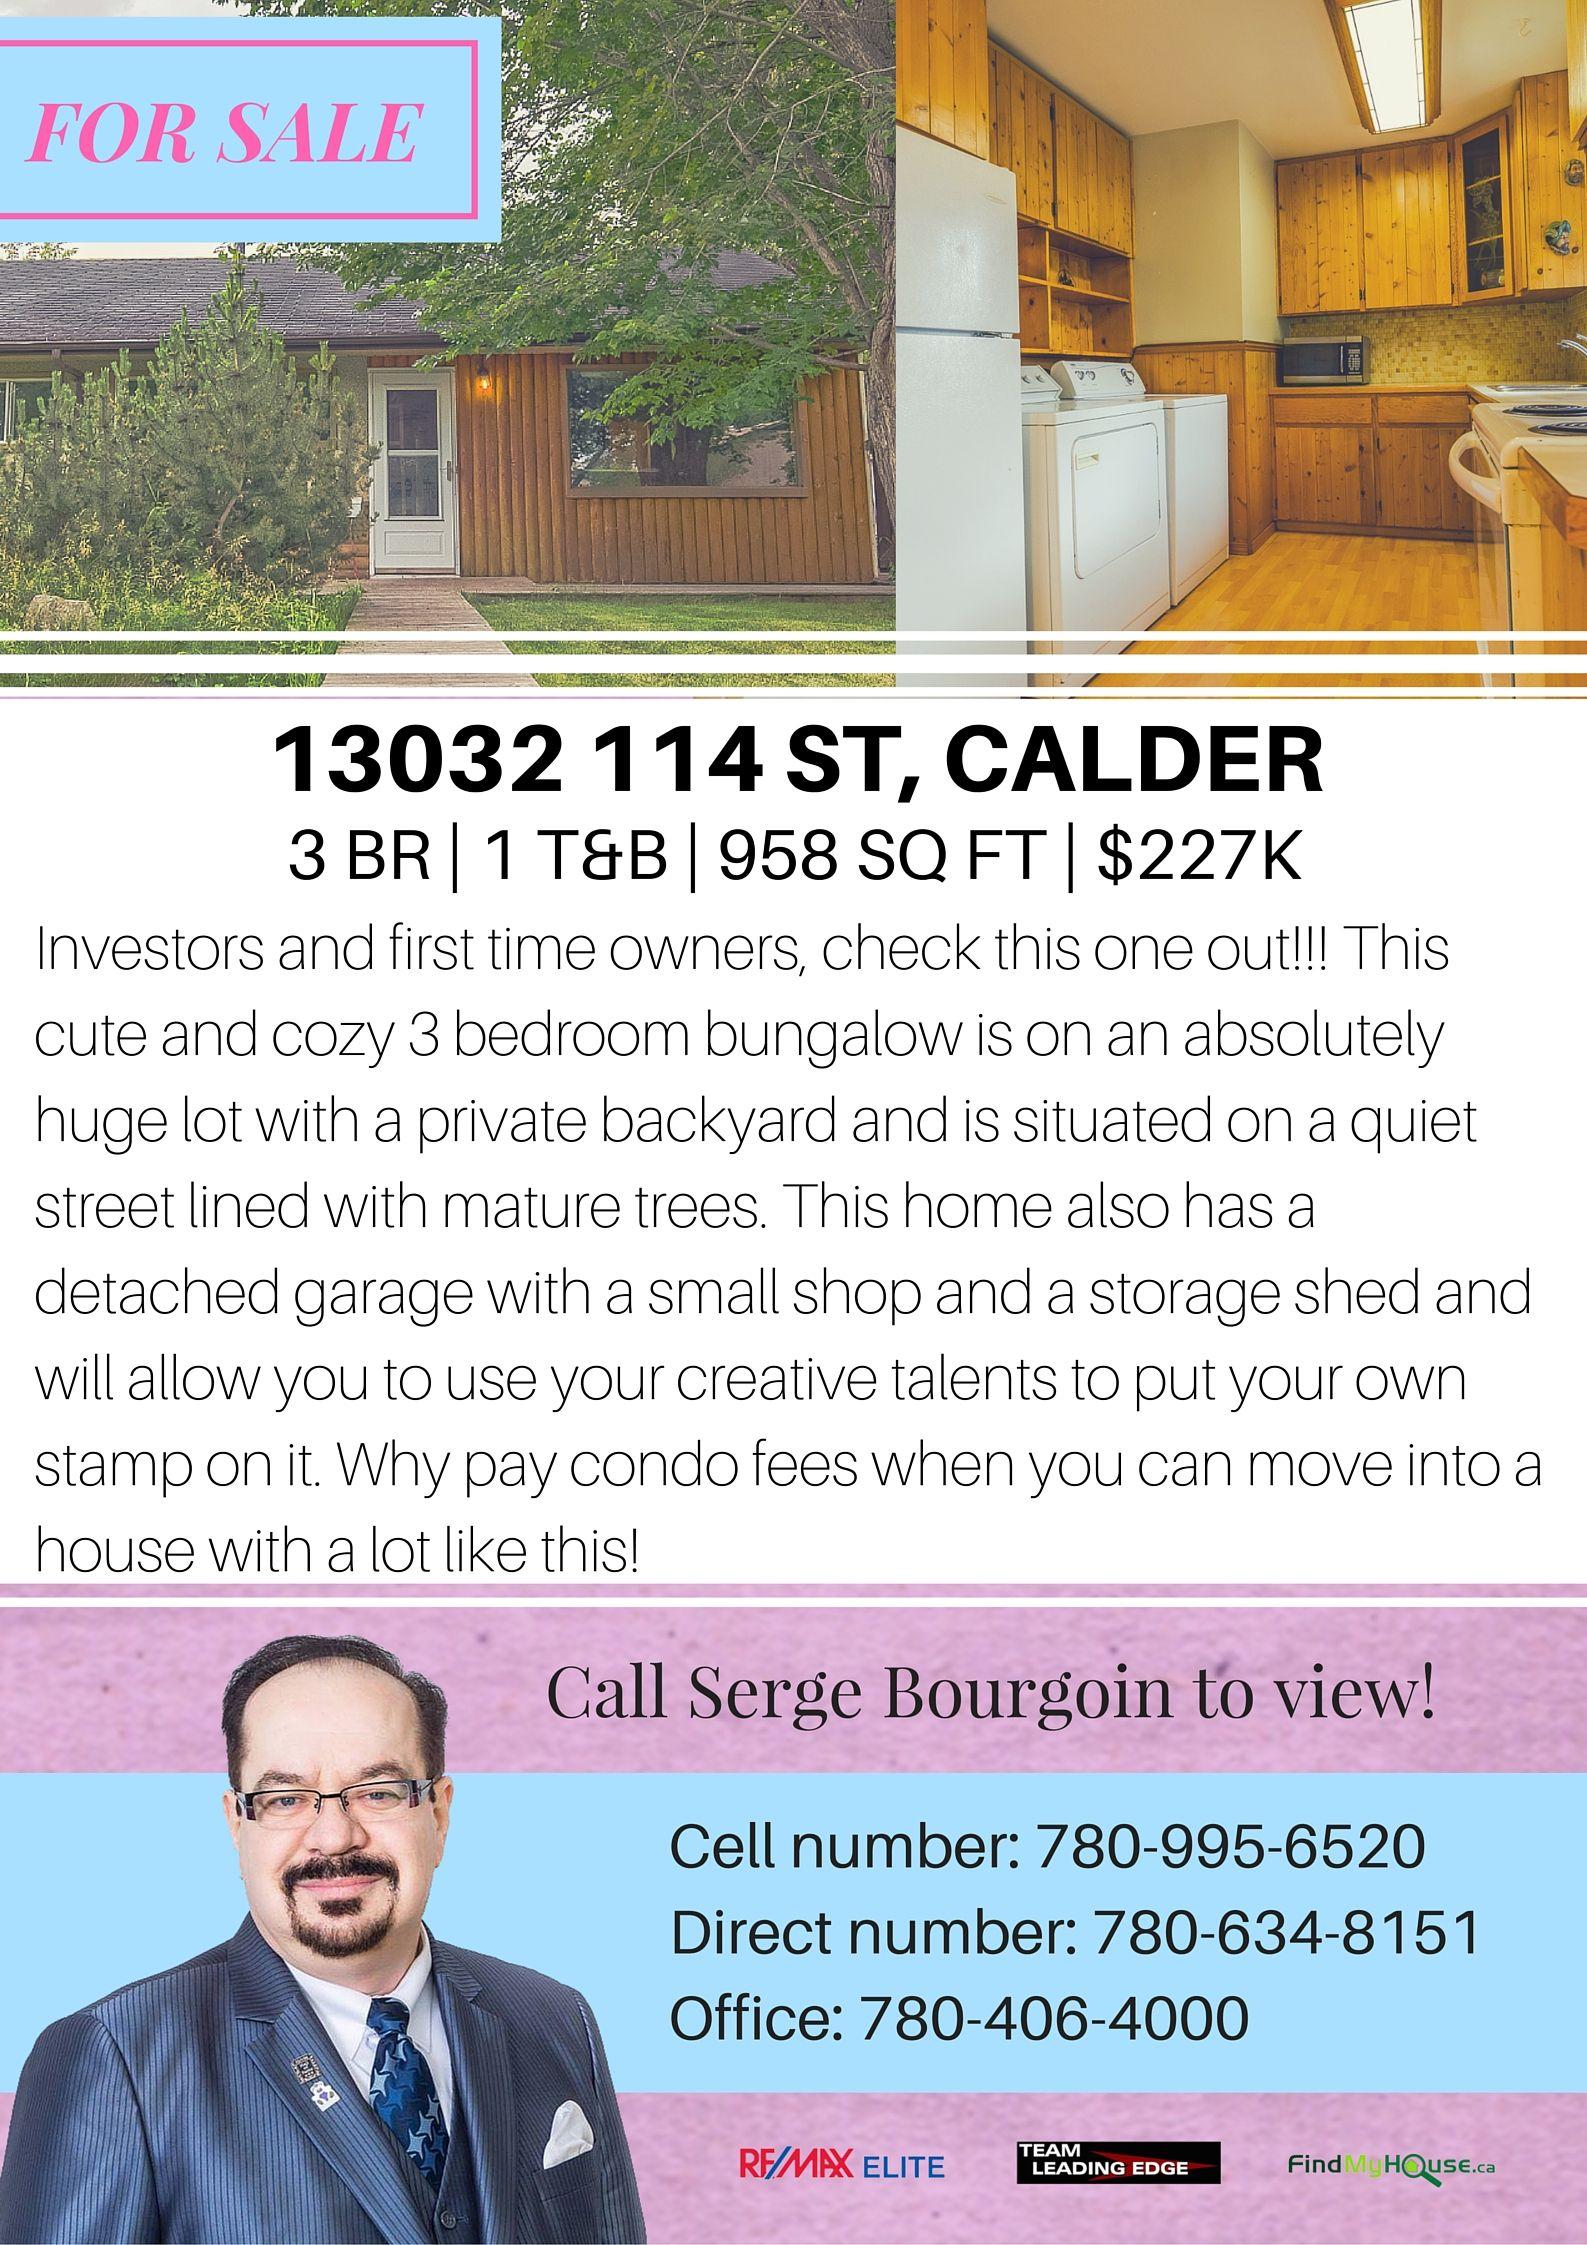 13032 114 STREET CALDER EDMONTON HOUSE FOR SALE MLS LISTINGS